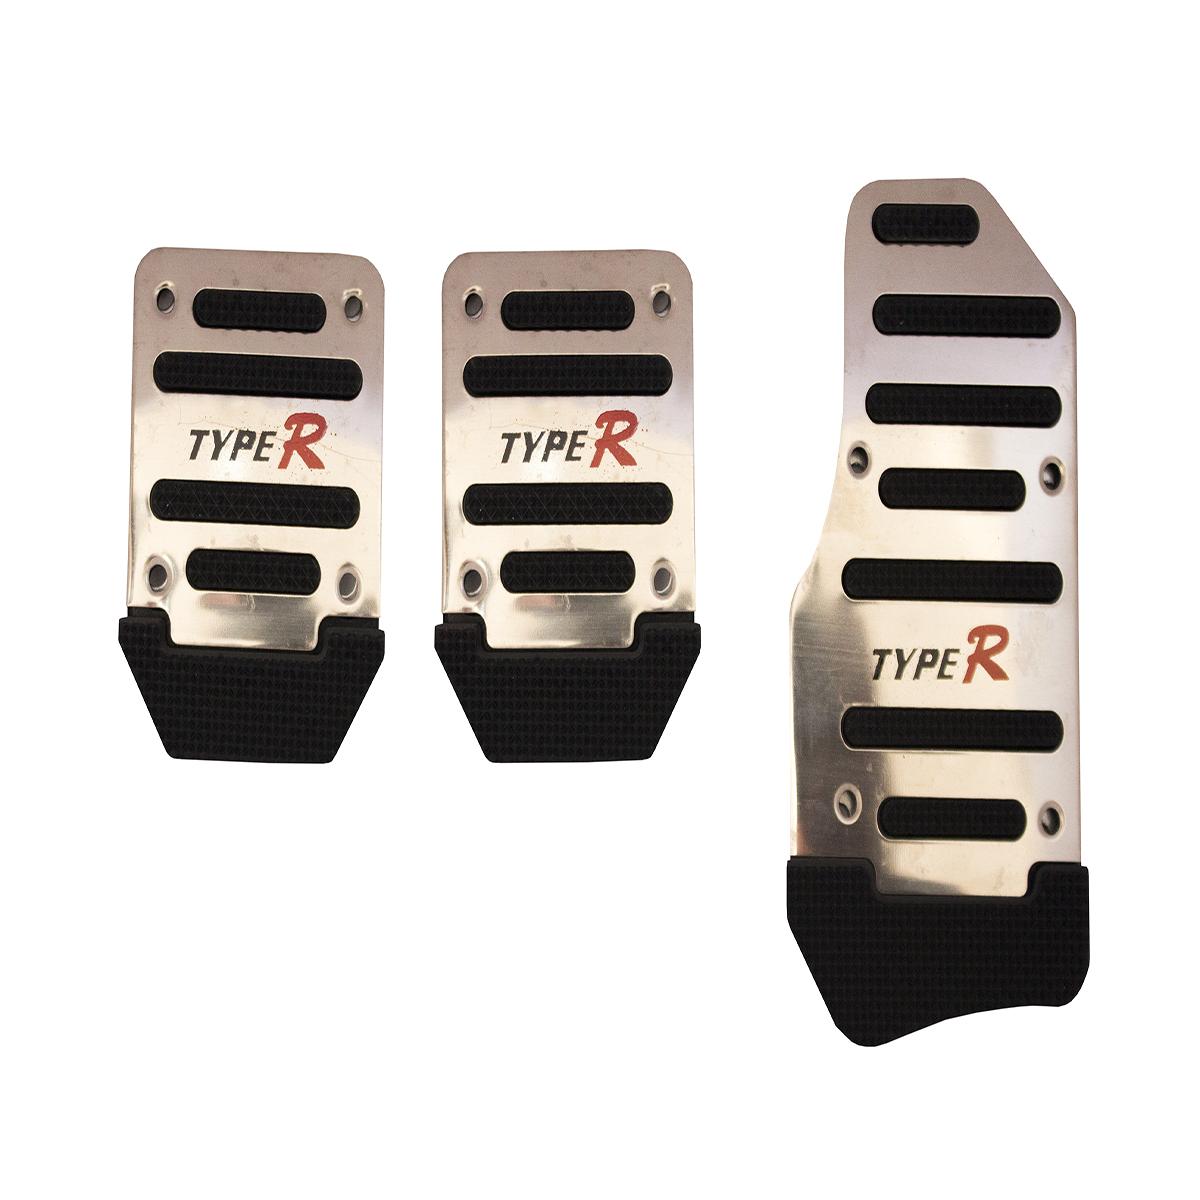 Pedal kit (Type R)